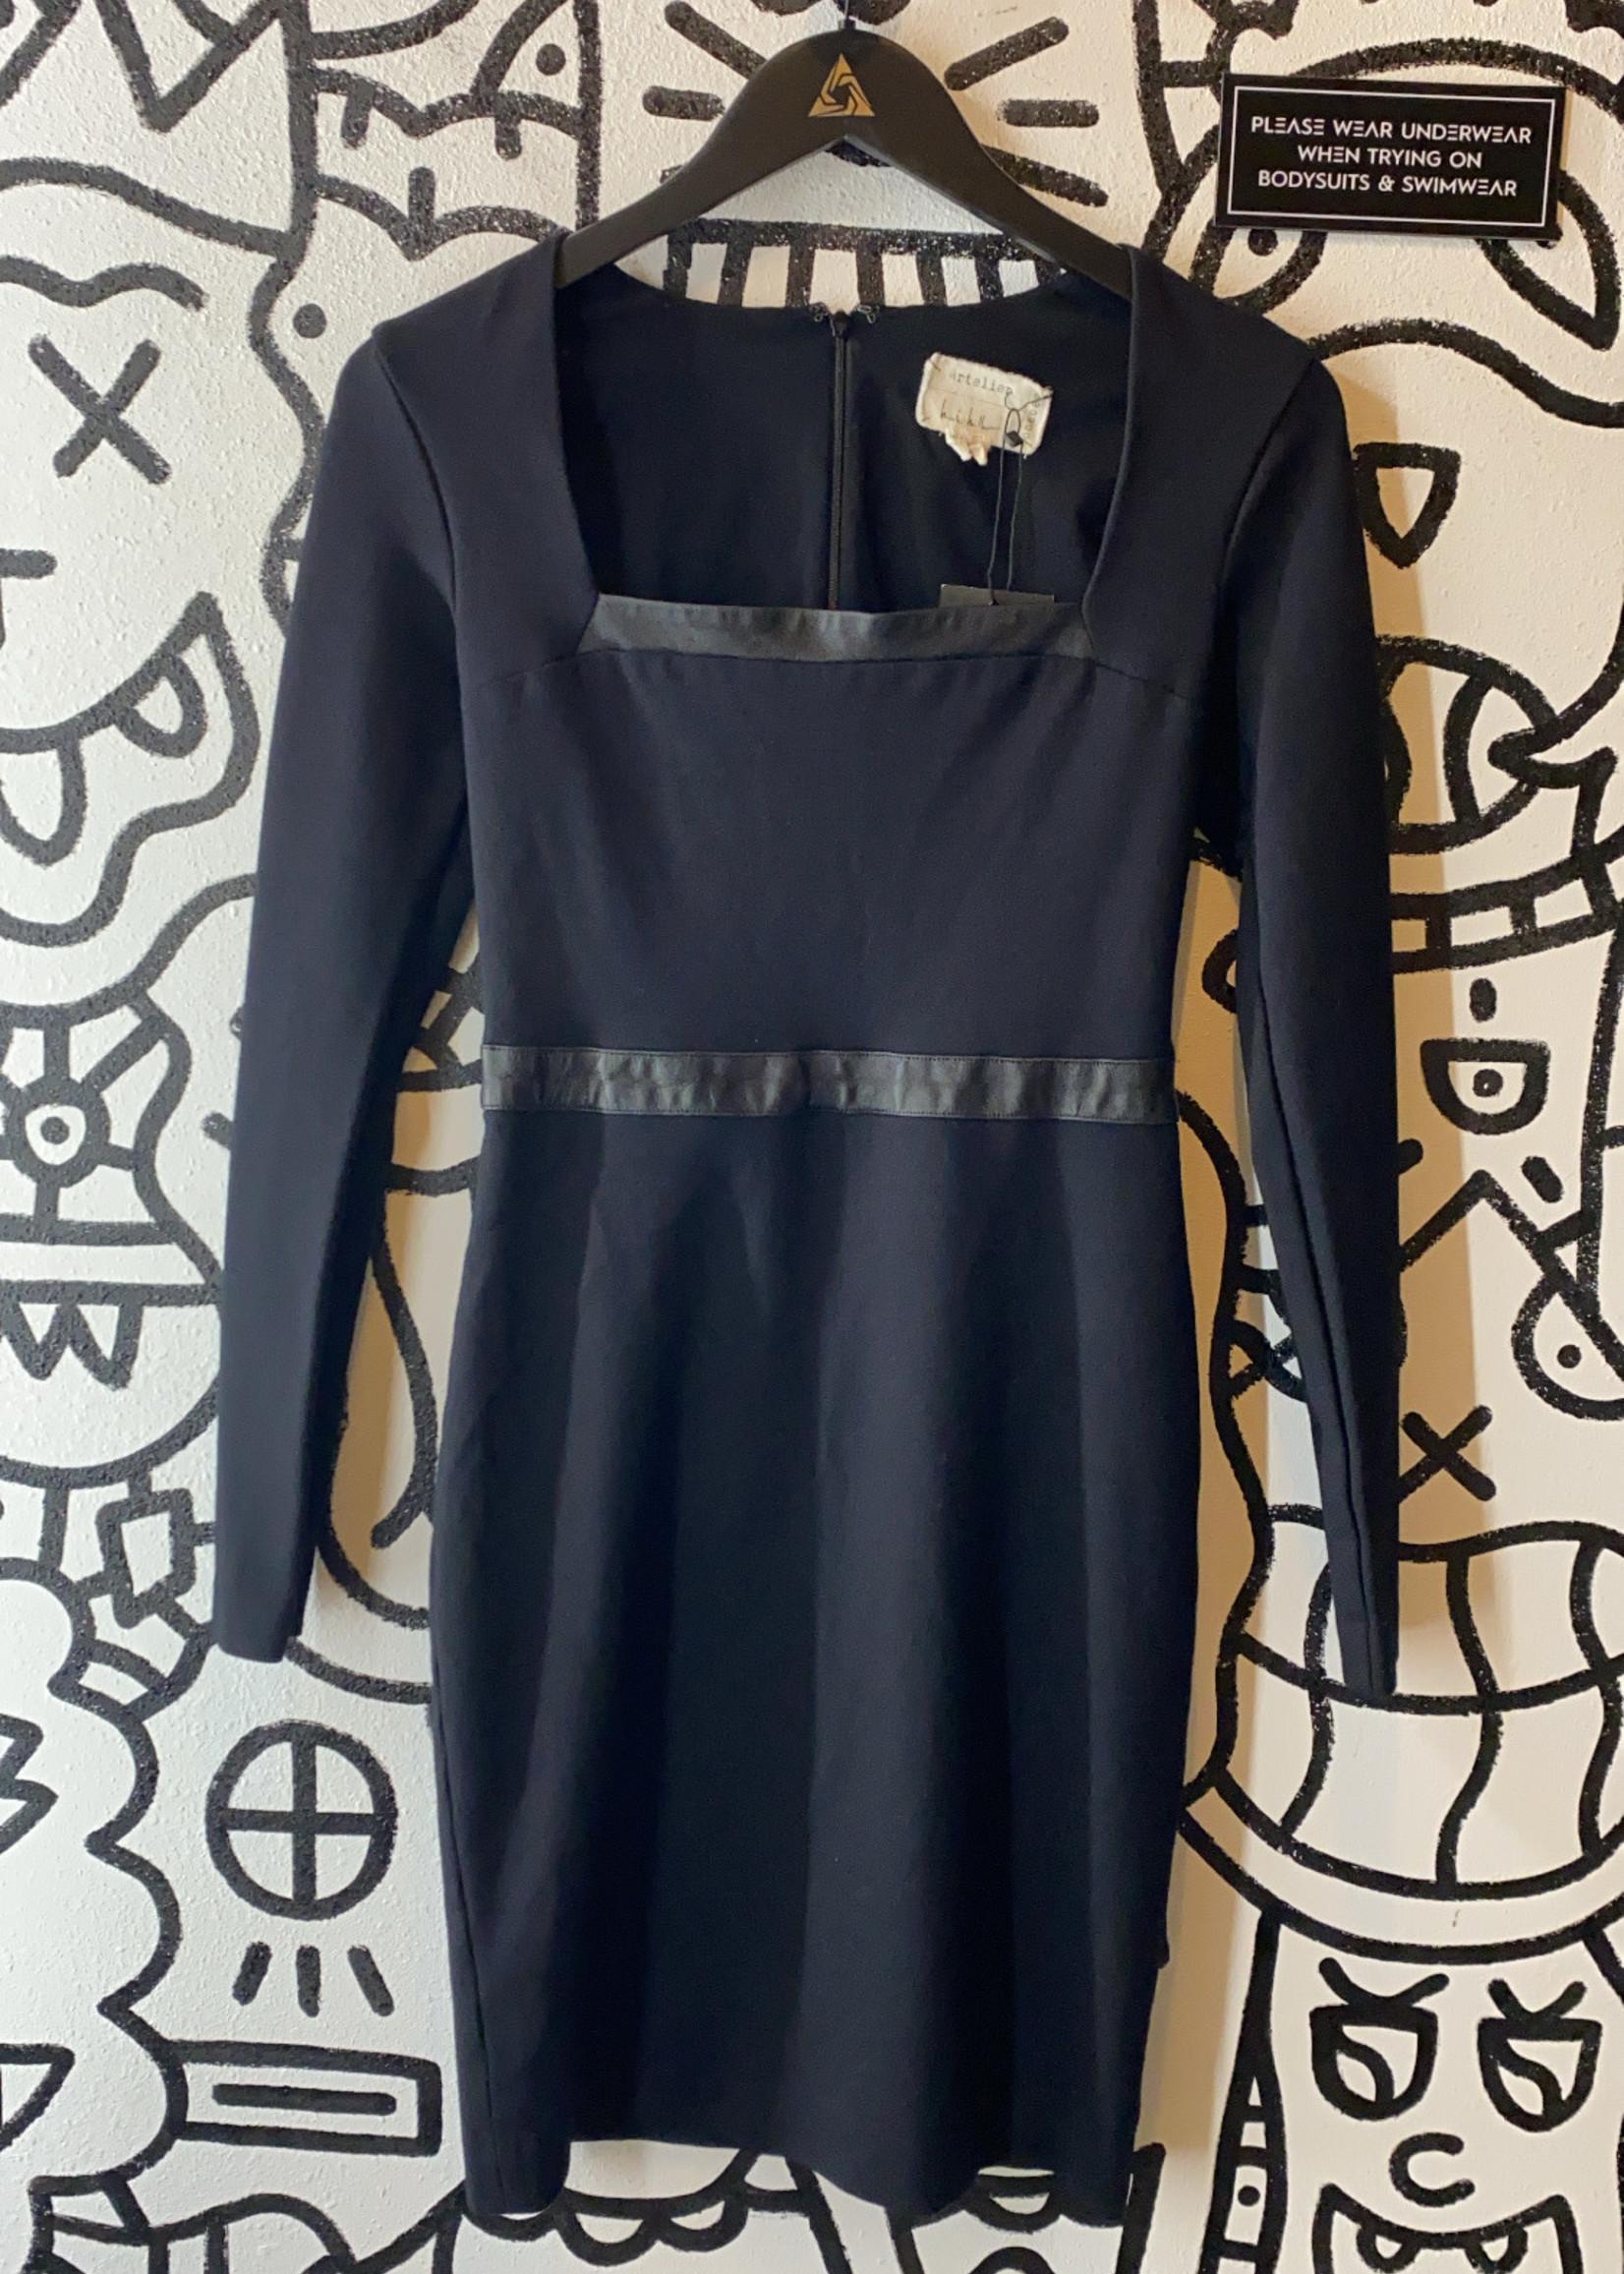 Artelier Nicole Miller Black Long Sleeve Dress 6